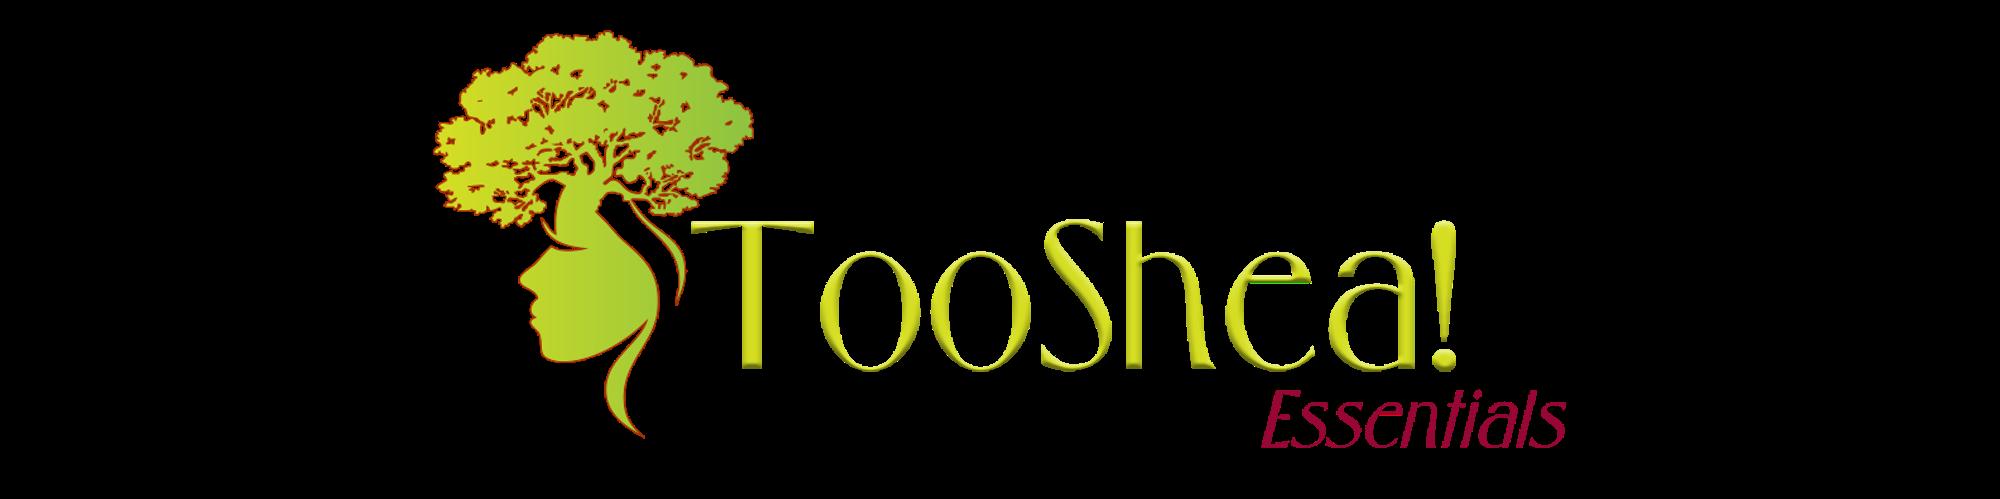 TooShea! Essentials